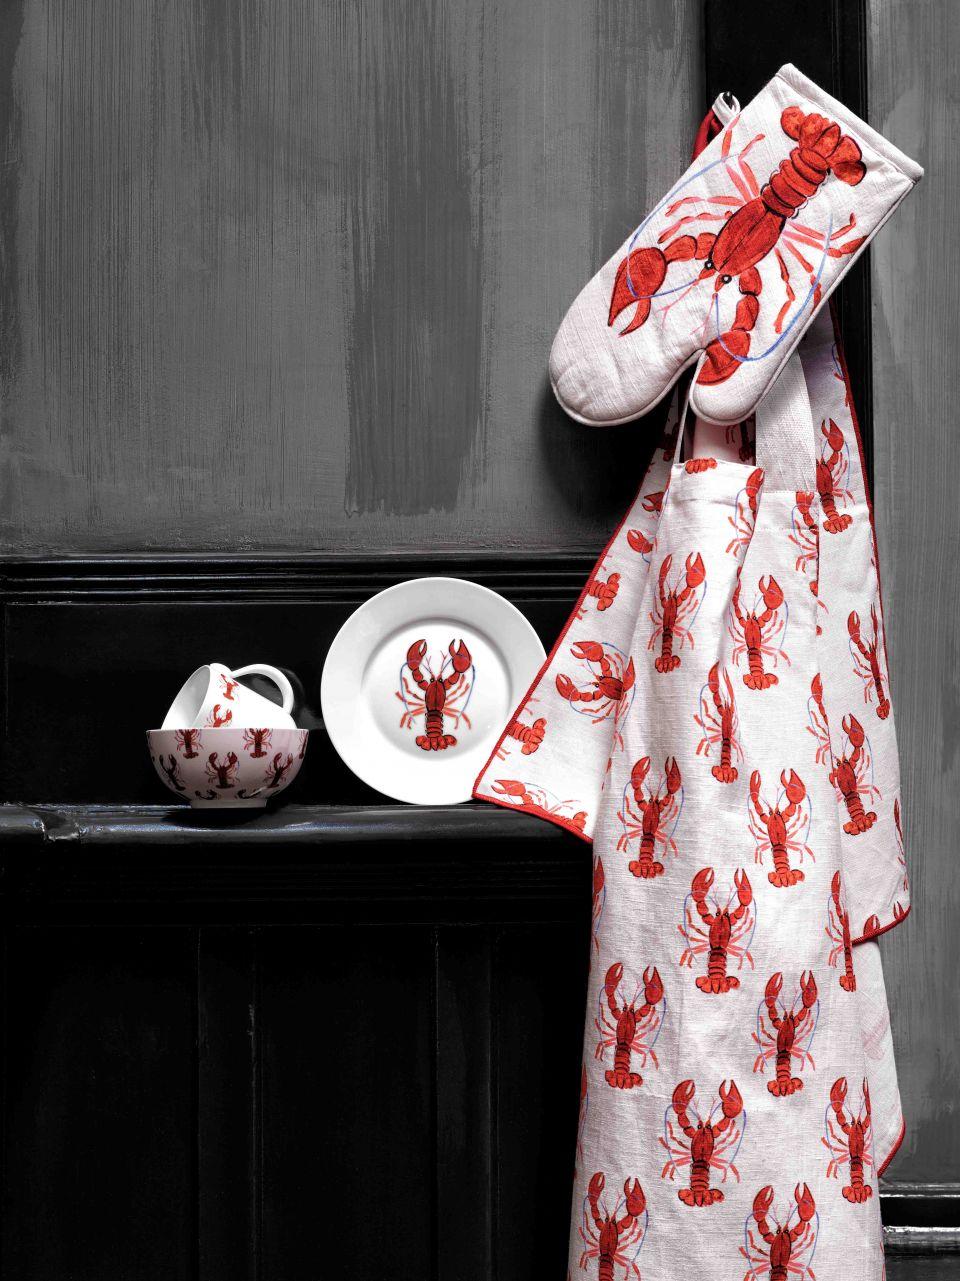 2019春夏家居新品、生活小物盤點 Vol. 3!onefifteen初衣食午引進Fabienne Chapot餐具、Pinkoi引進日本Felissimo「貓部系列商品」是人氣推薦